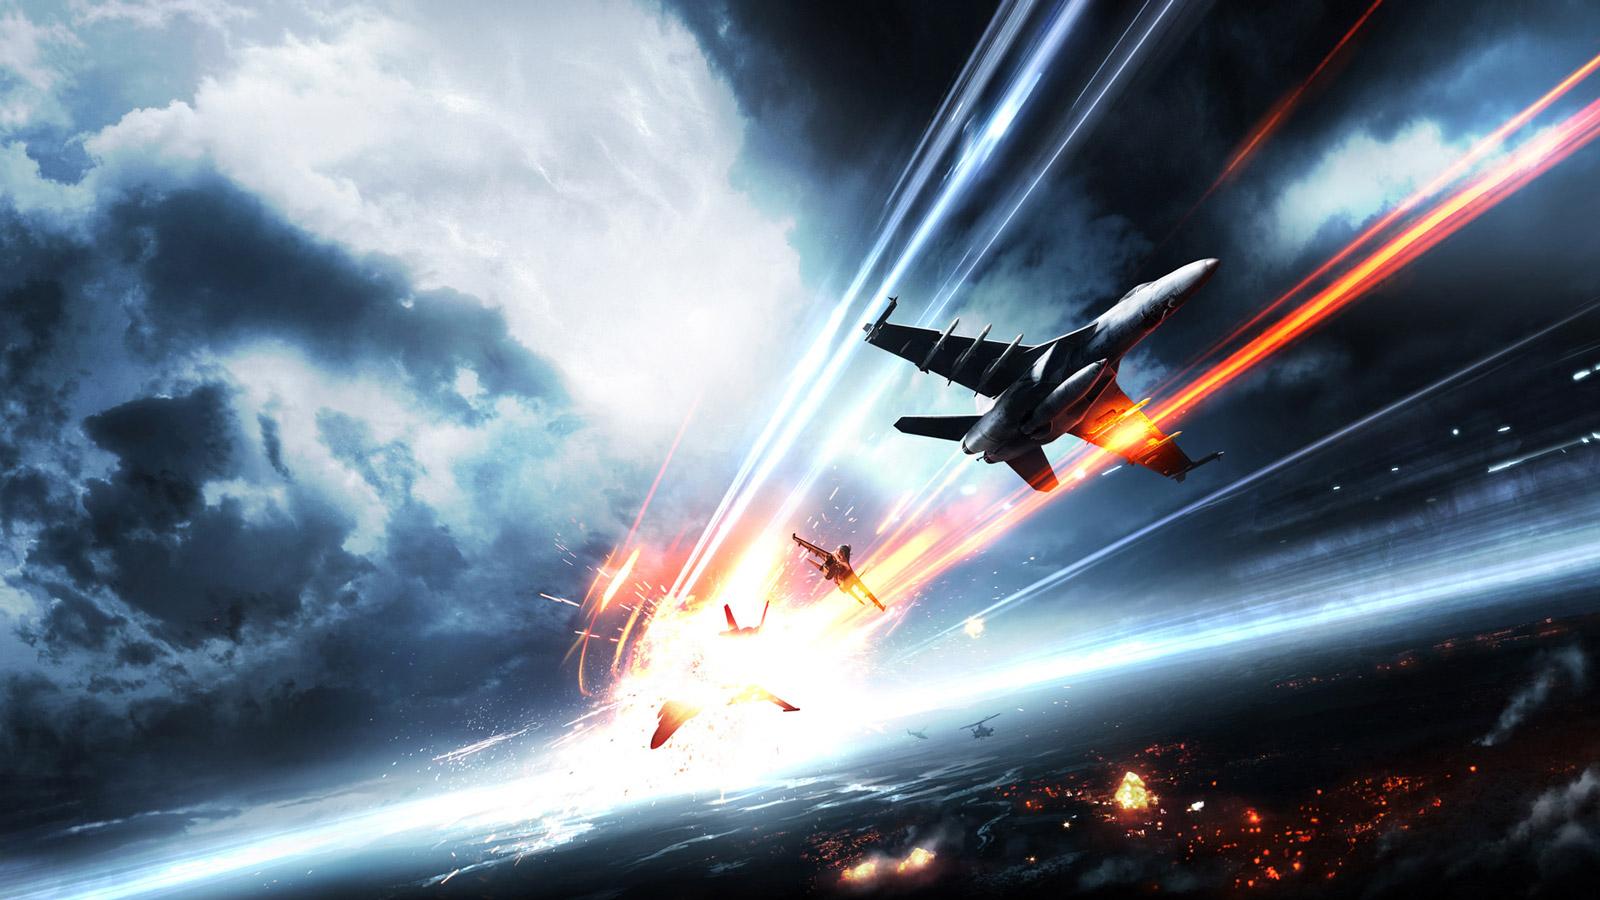 Battlefield 3 Wallpaper in 1600x900